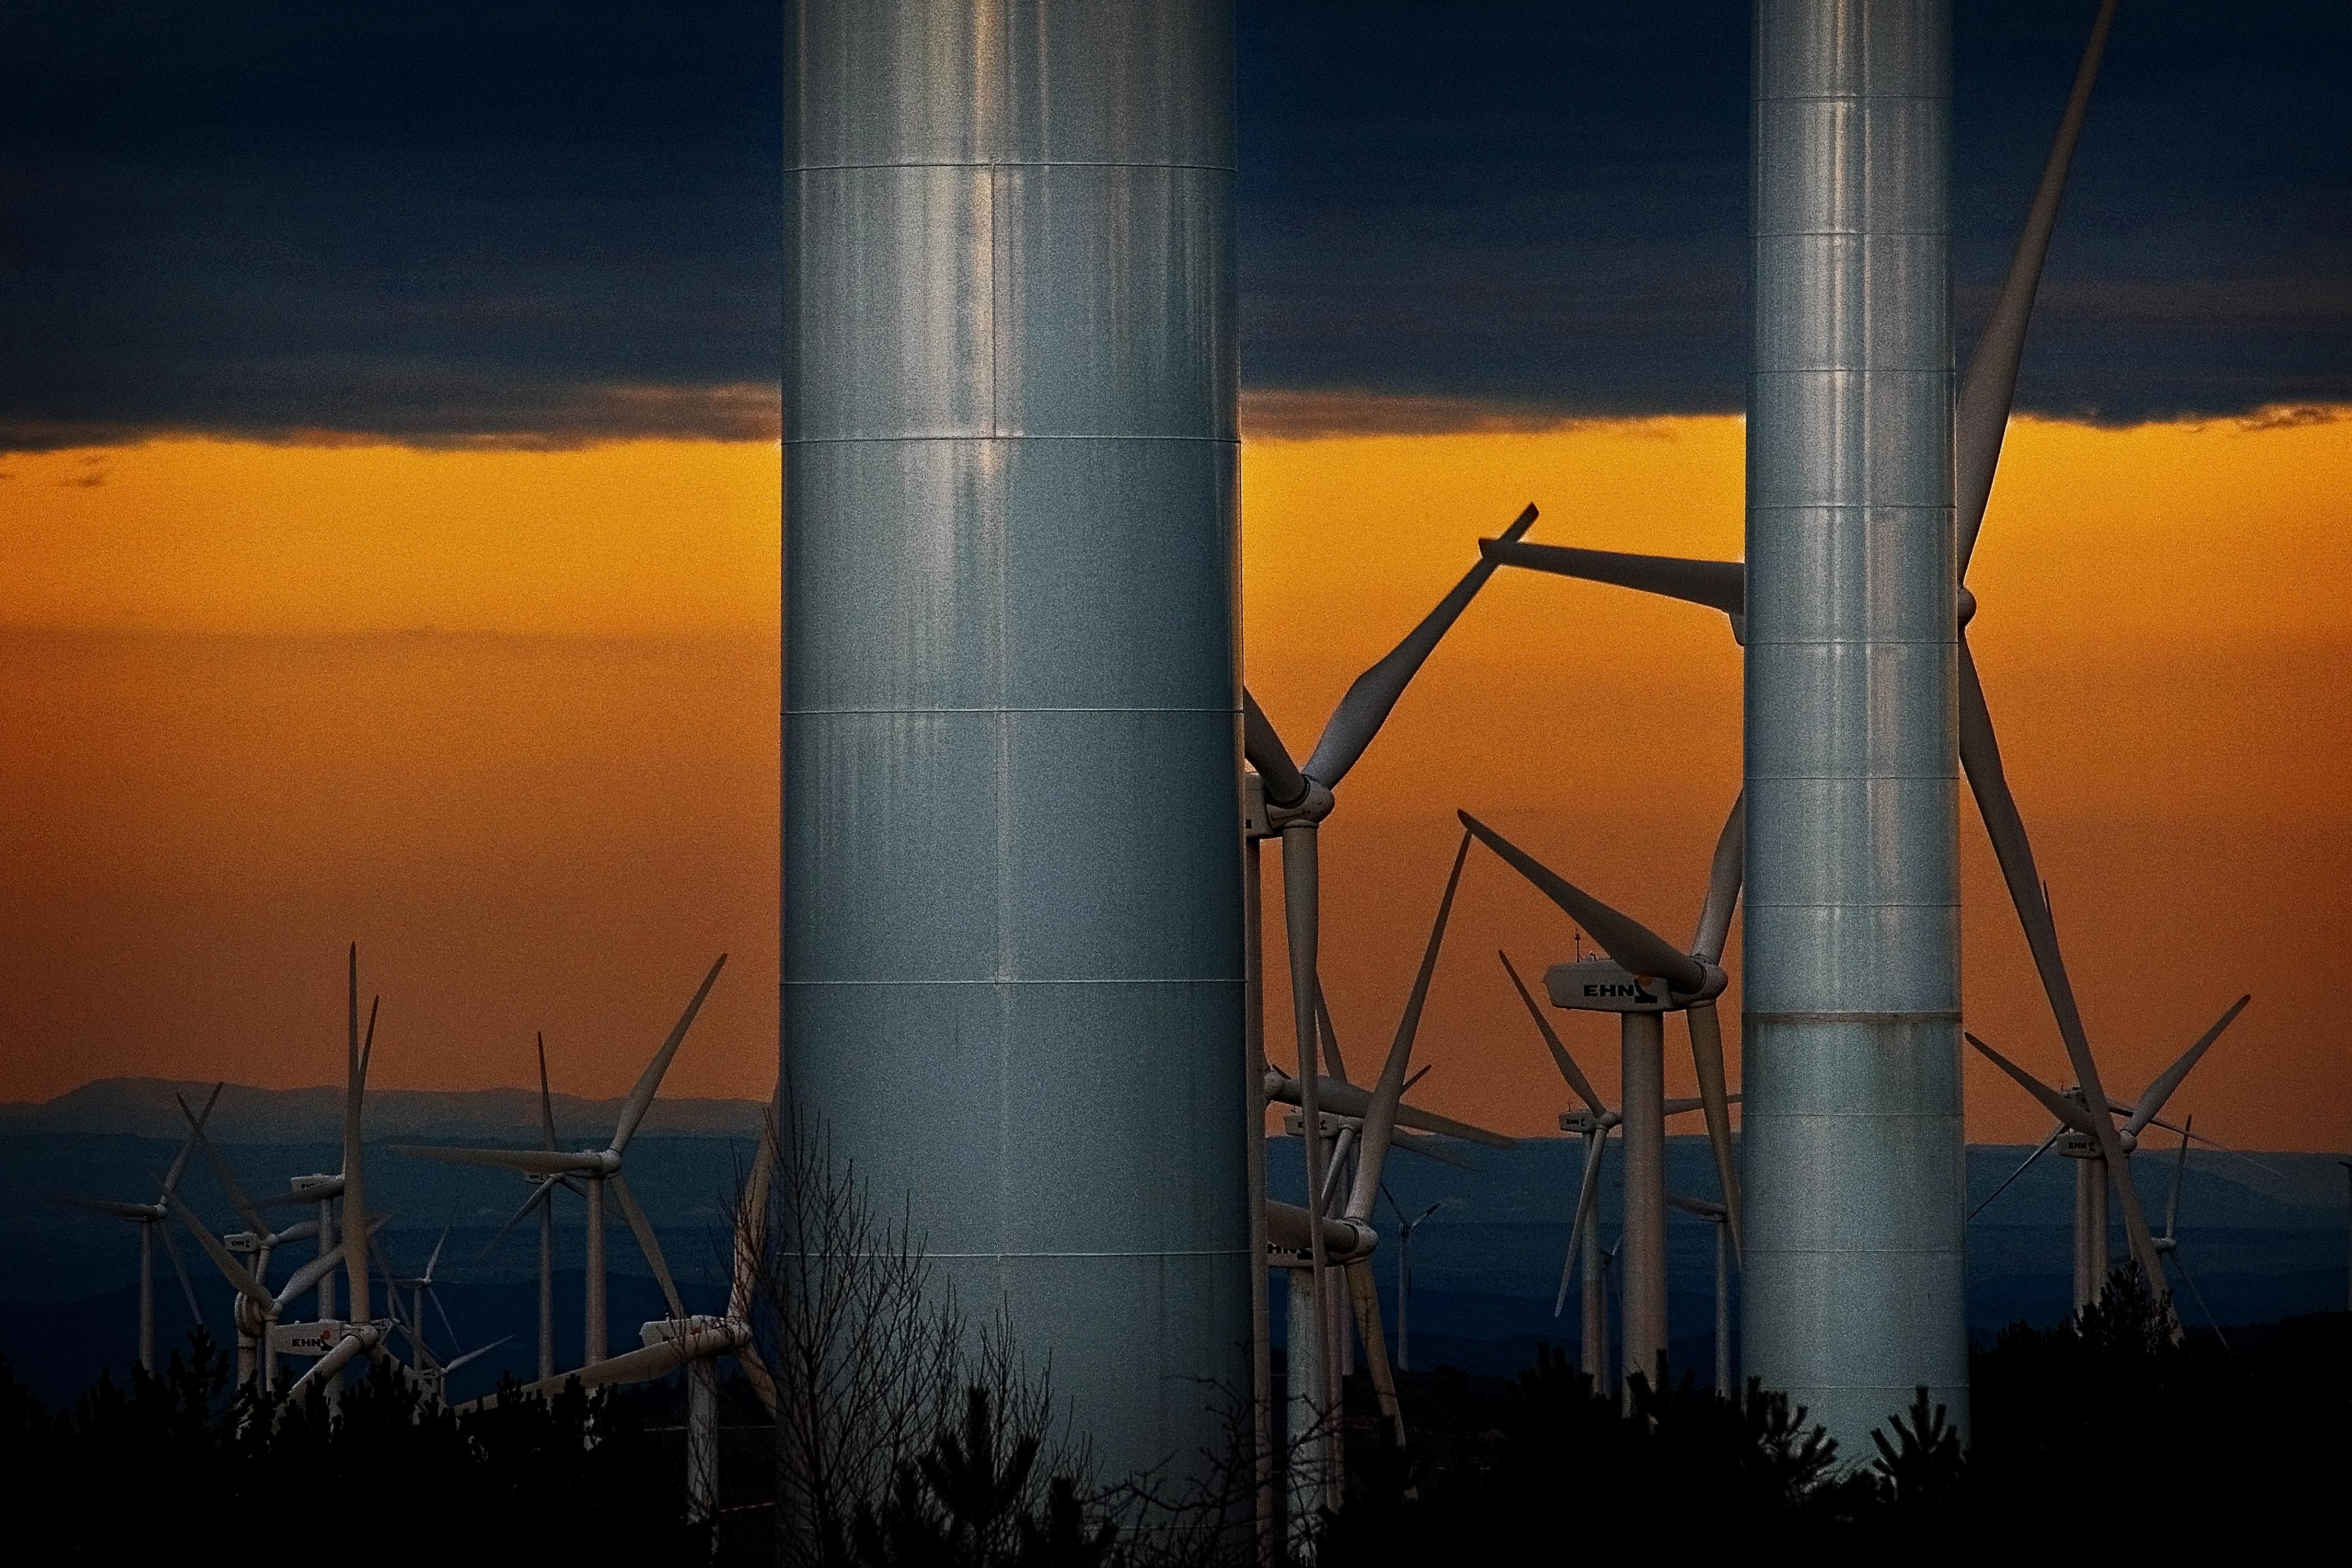 Eólica: Enel Green Power hará un gran parque eólico con aerogeneradores de GE en Kansas